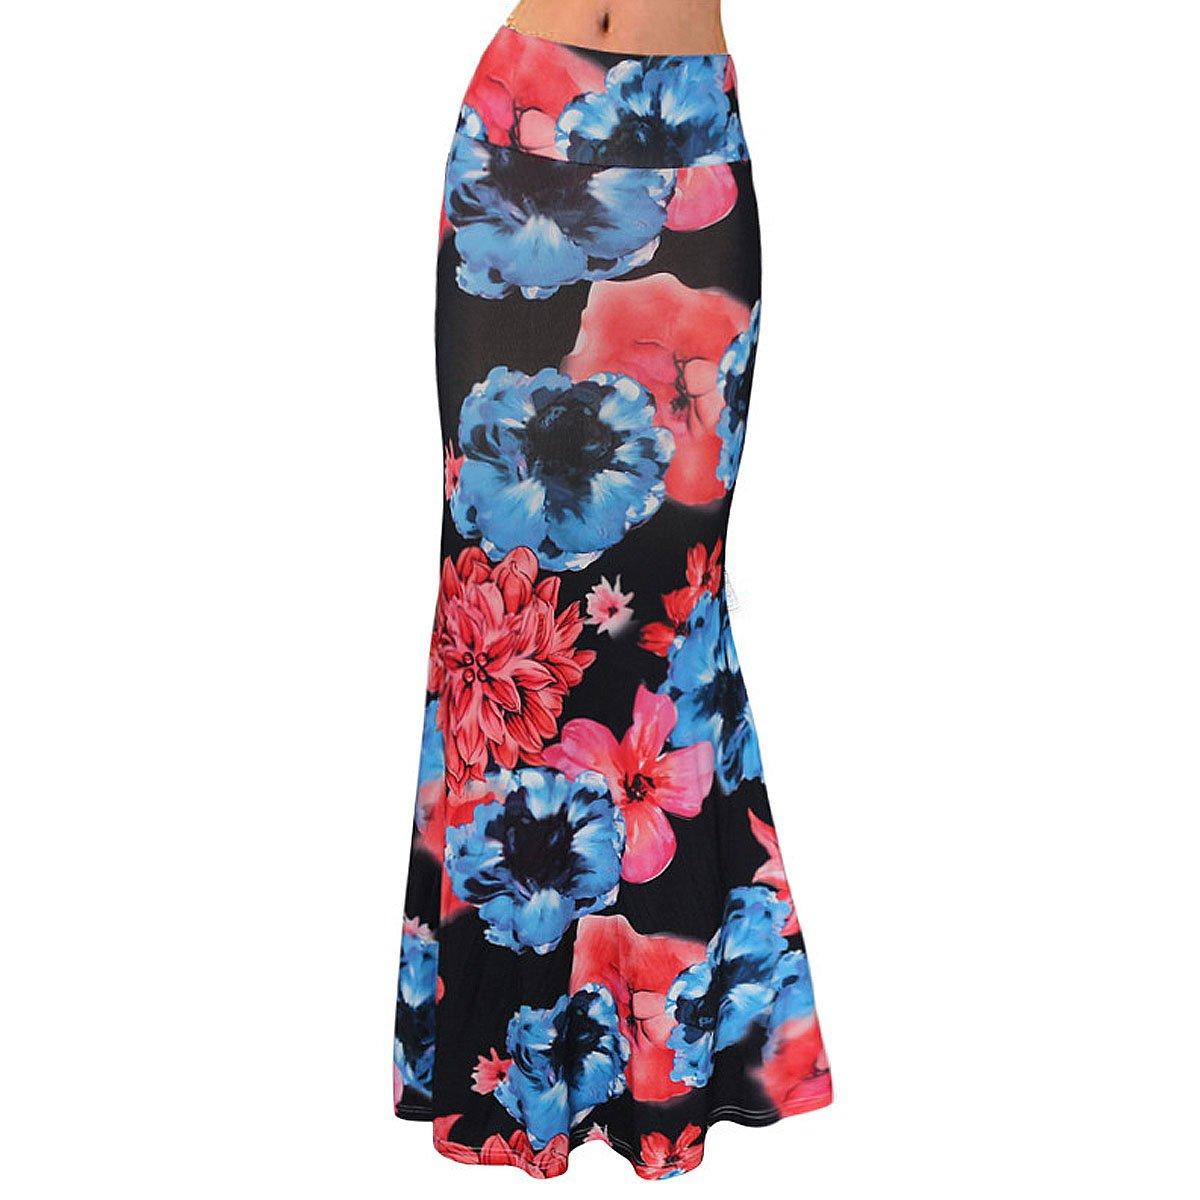 Editha Women Floral Print Maxi Long Skirt High Elastic Waist Slim Full Skirt Summer Foldover Skirts Red Flower M